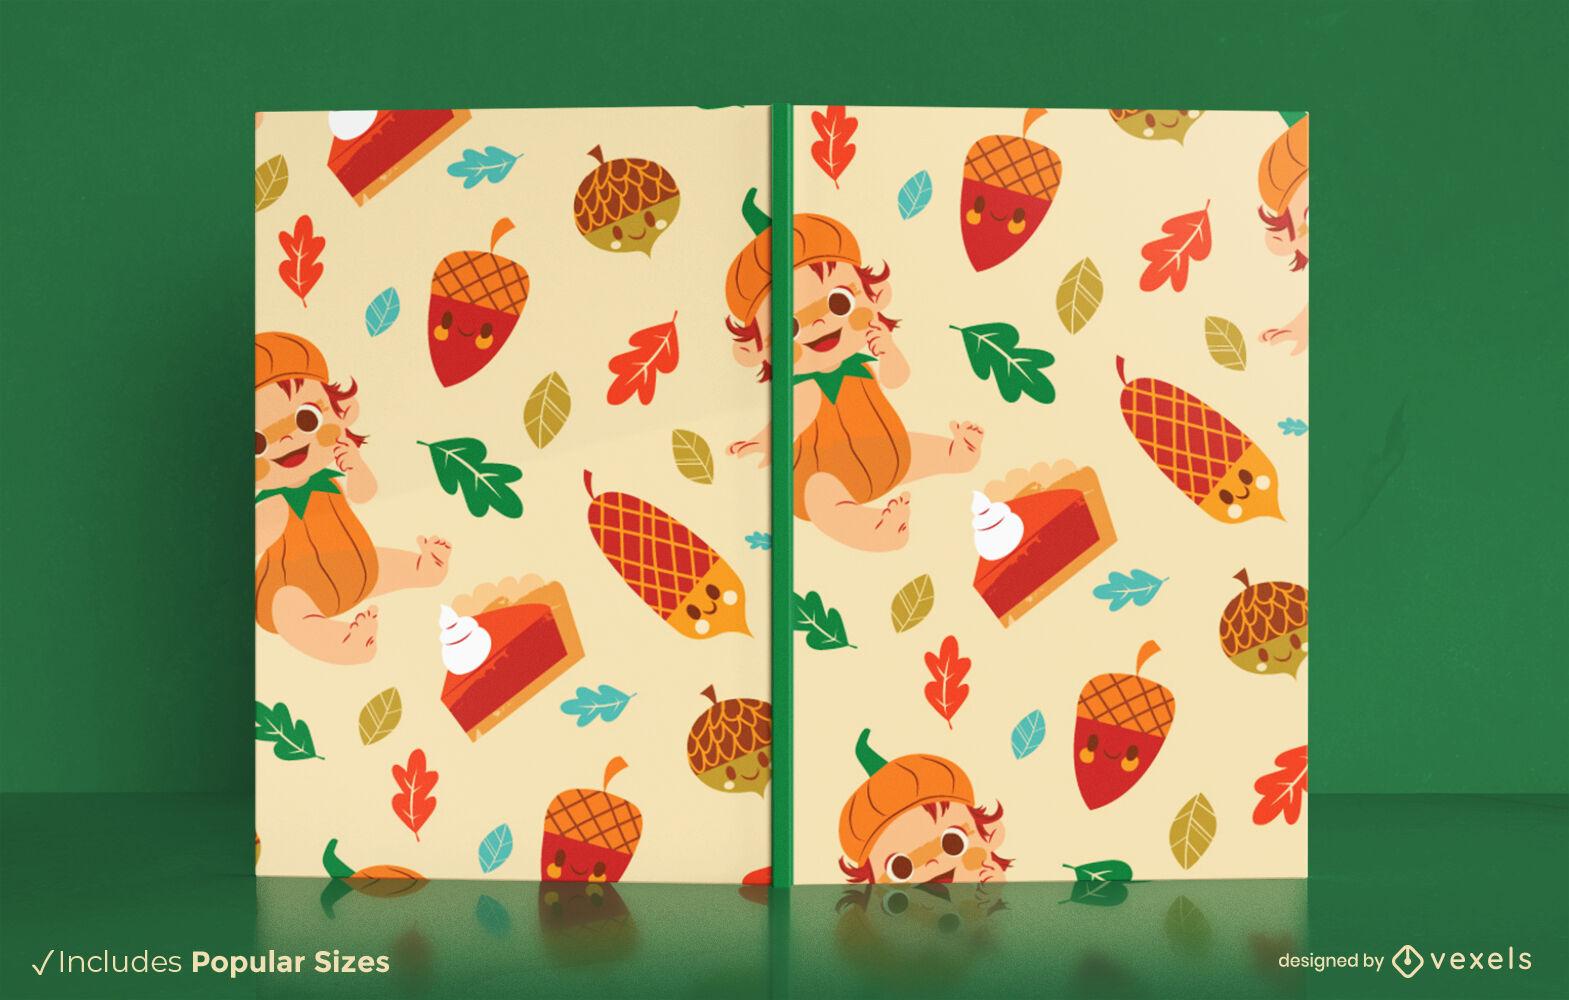 Herbstsaison baby süßes Bucheinbanddesign